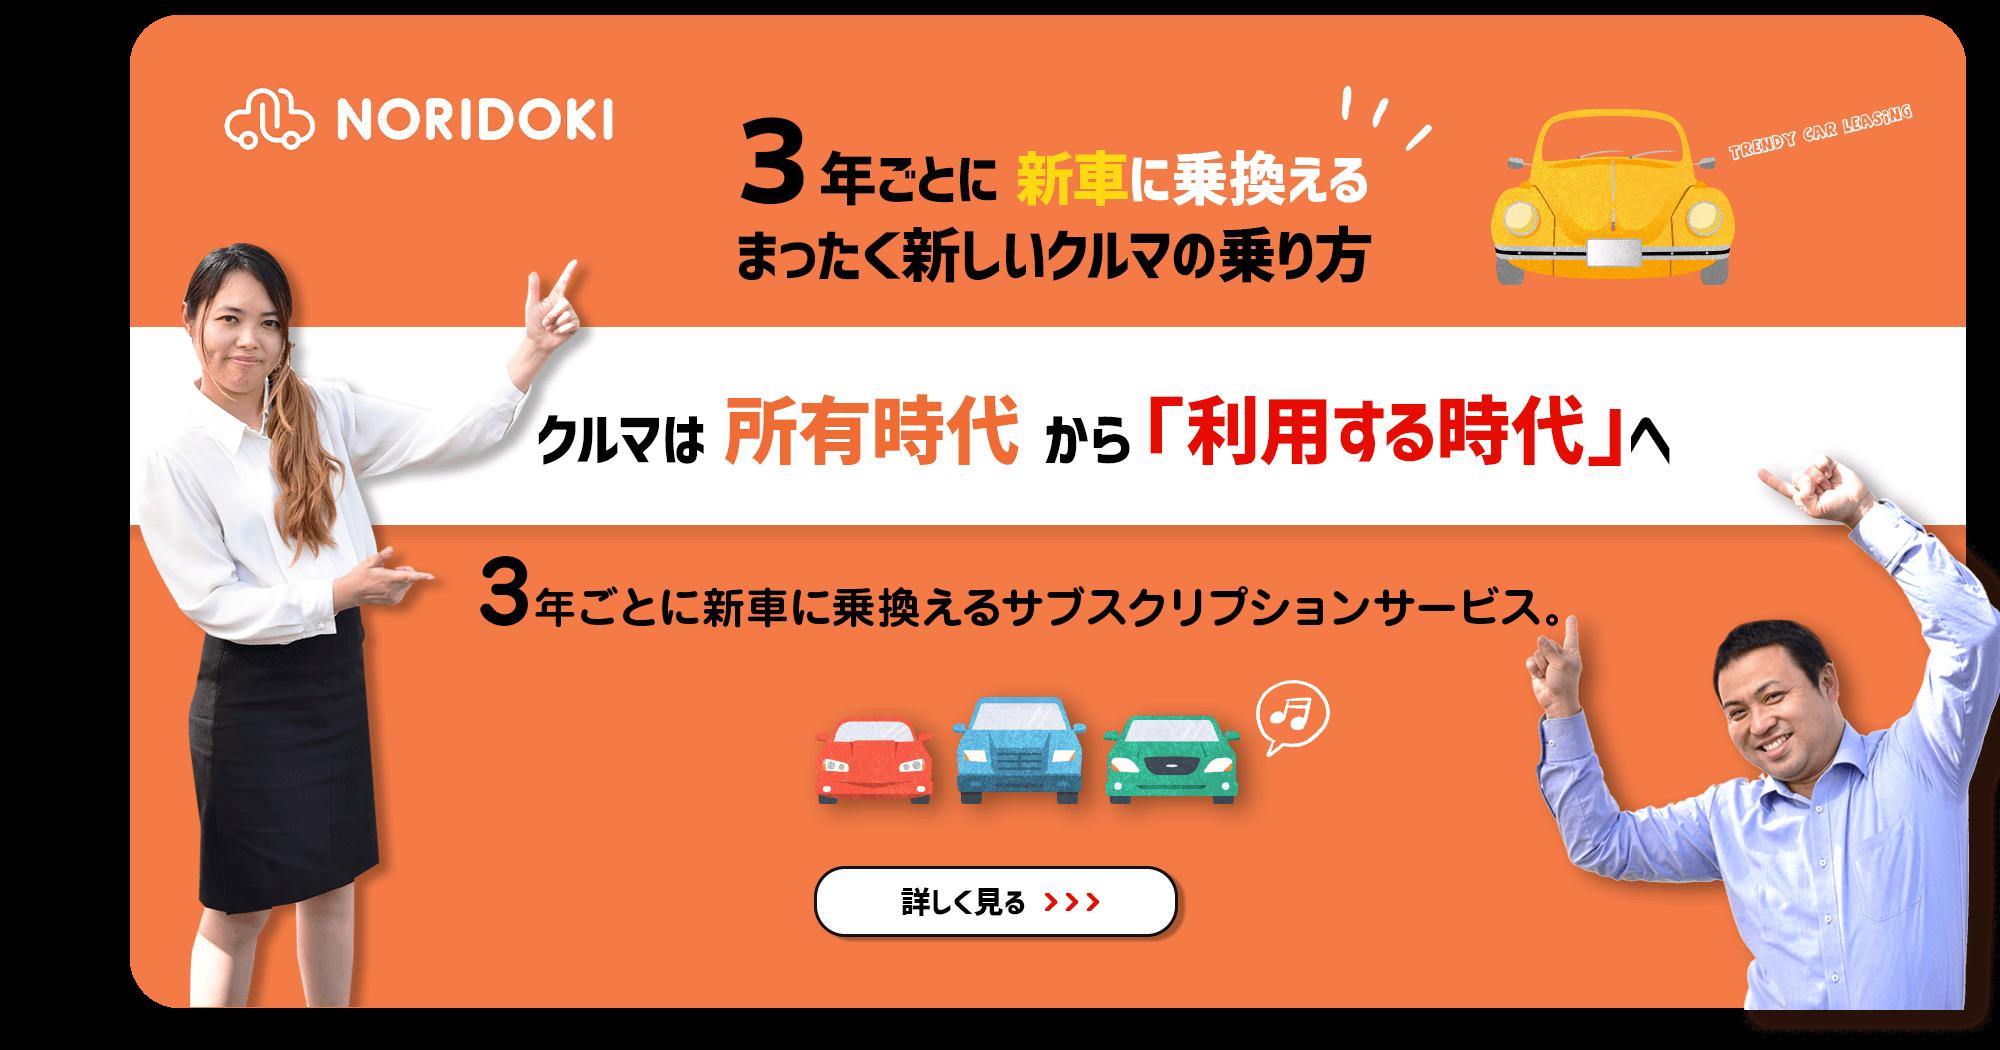 NORIDORI 3年ごとに新車に乗換えるまったく新しいクルマの乗り方 クルマは所有時代から「利用する時代」へ 3年ごとに新車に乗換えるサブスクリプション(カーリース)サービス。